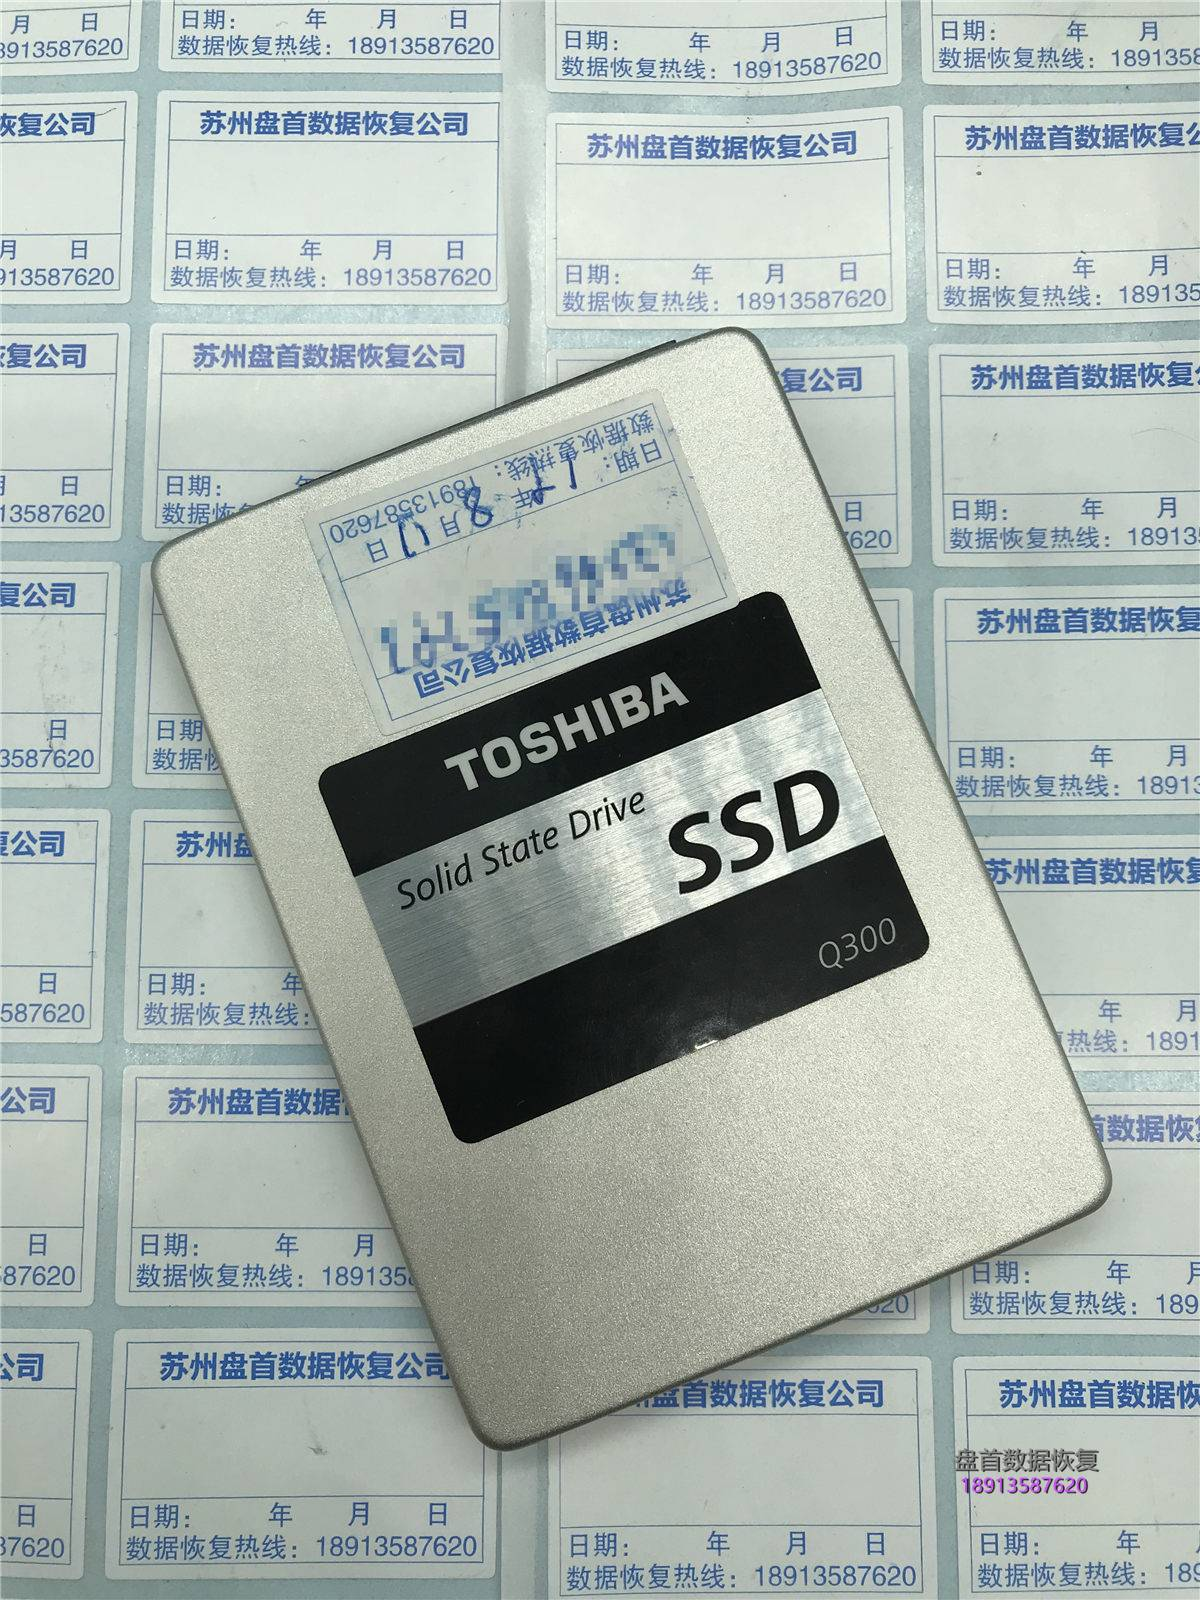 0-4 掉盘王东芝Q300 HDTS724掉盘无法识别读不到盘SSD修复